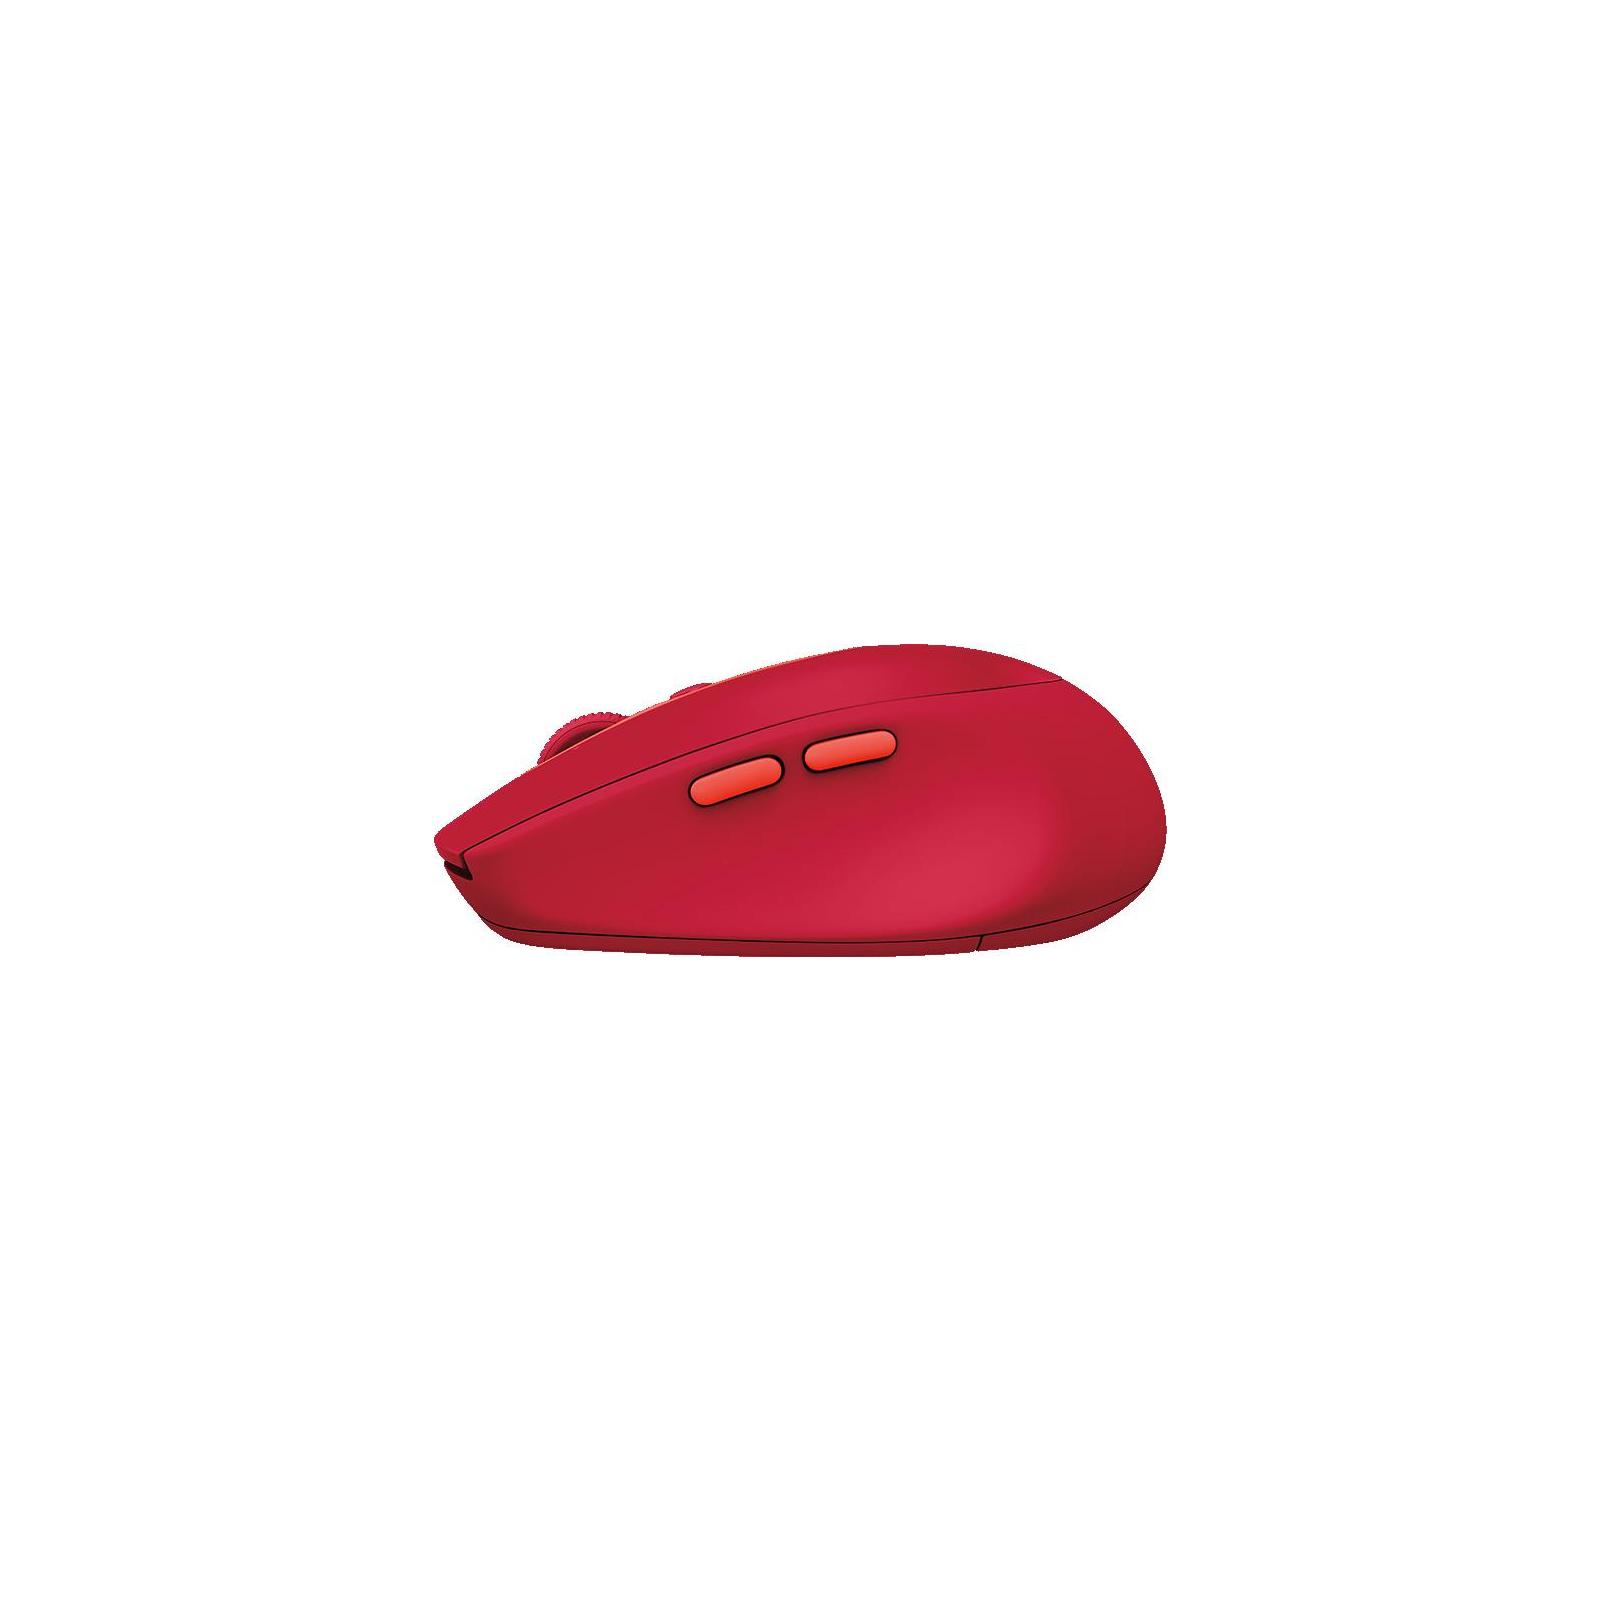 Мышка Logitech M590 Silent Ruby (910-005199) изображение 4